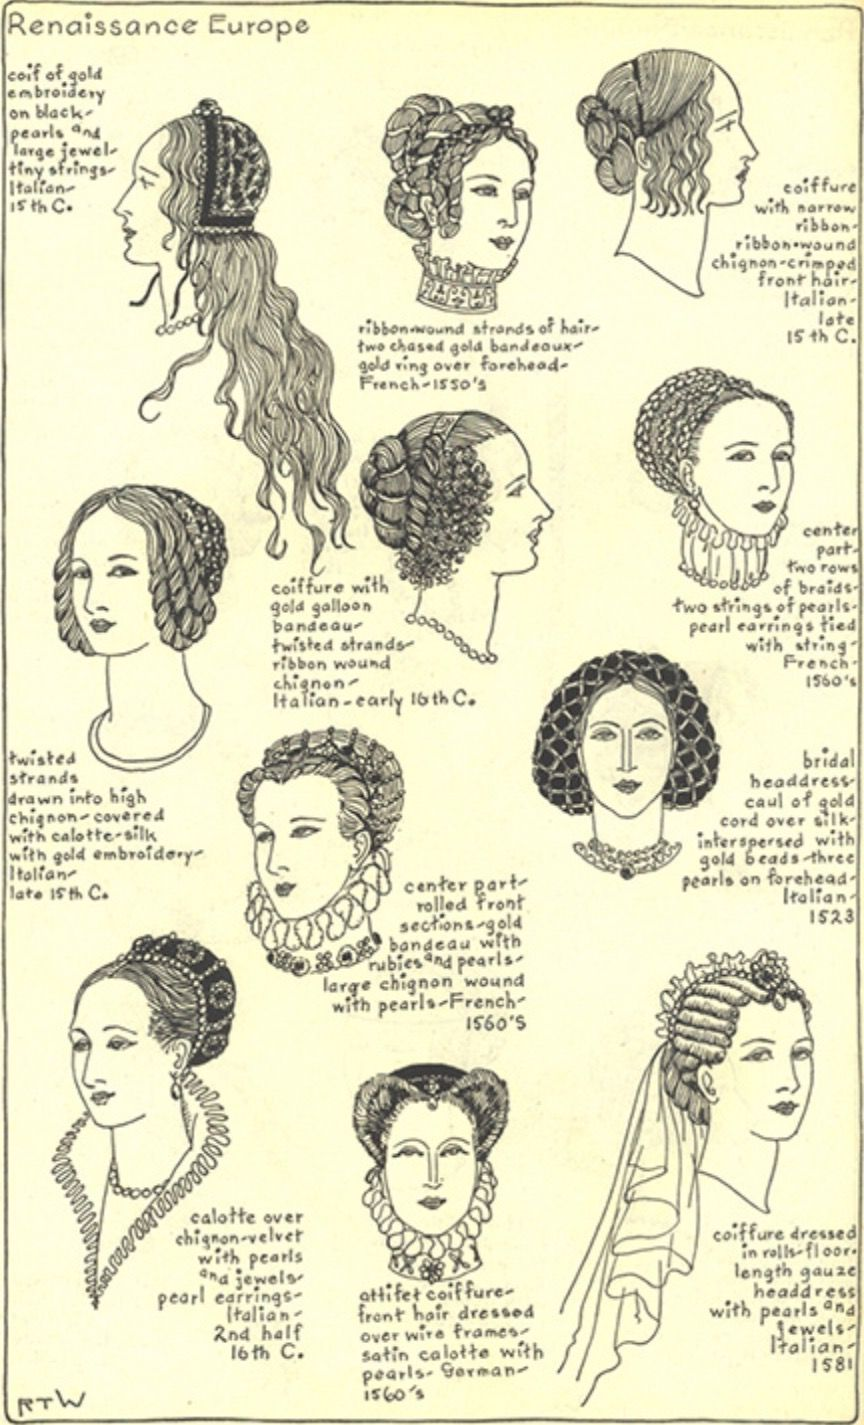 Renaissance Hair Styles Unique Renaissance Hairstyles For Women Weren T How We N Hair Hairstyles Renai In 2020 Renaissance Hairstyles Middle Age Hair Italian Hair